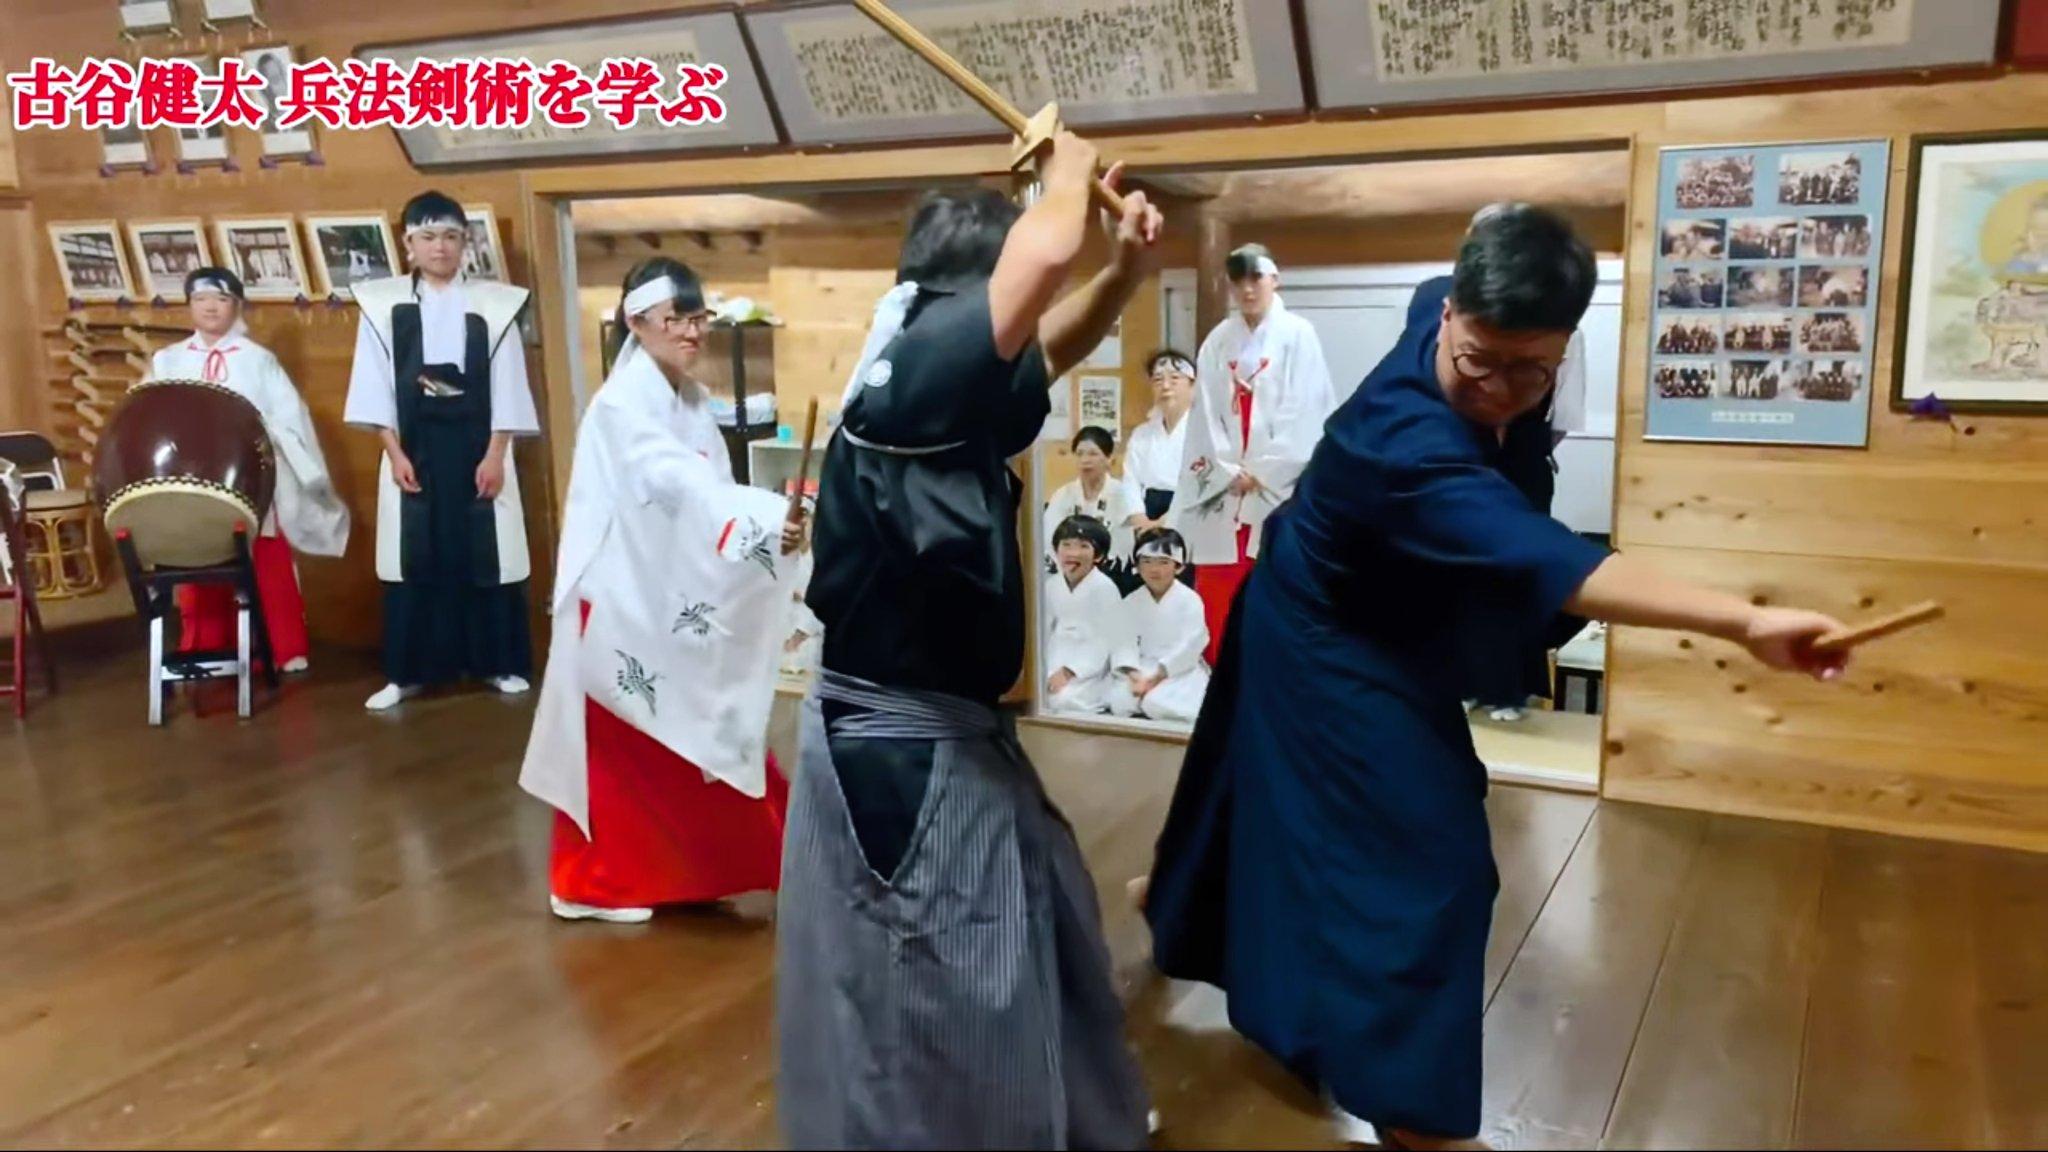 【久武館道場】伝統を守る剣術